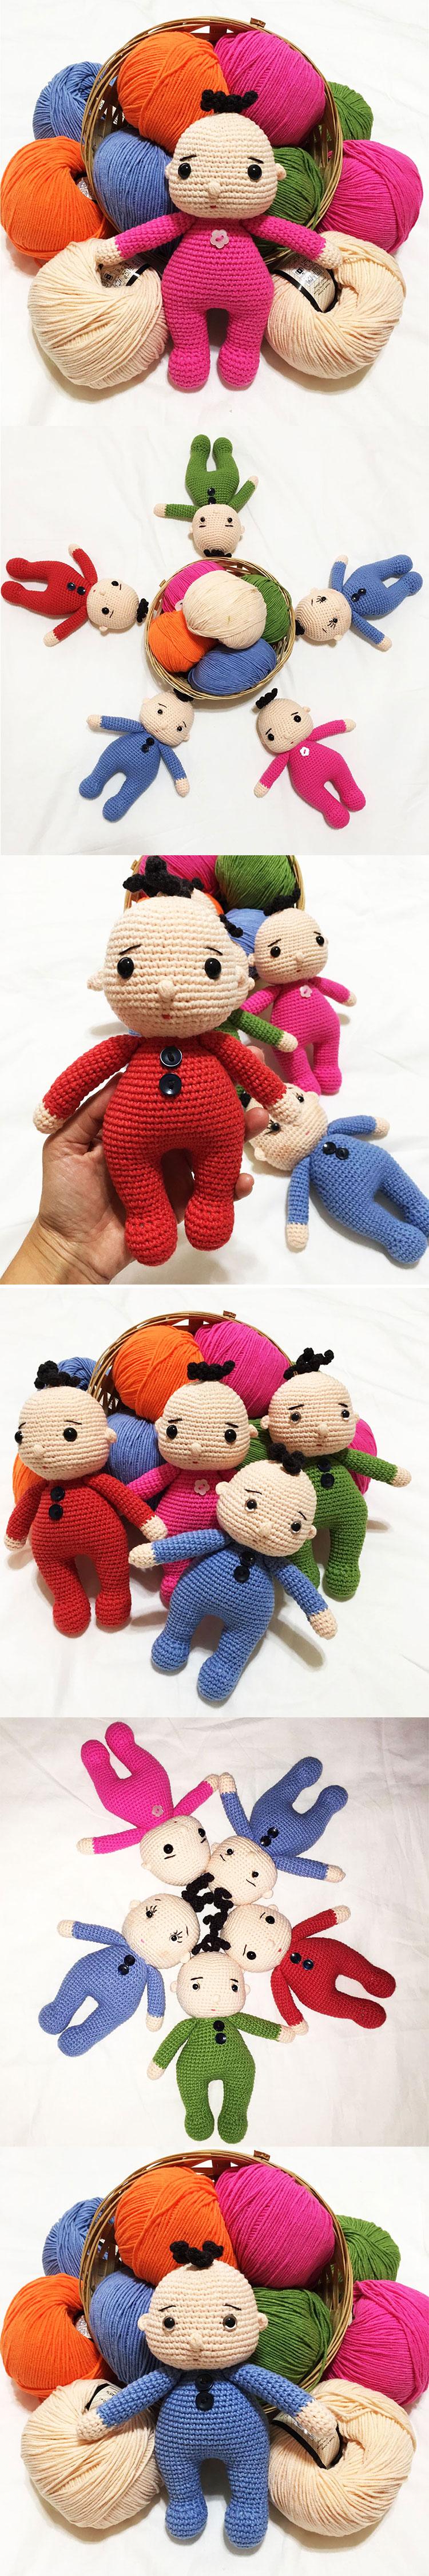 Örgü Çocuk Çanta Modelleri (Görüntüler ile) | Bebek çantaları ... | 4500x750